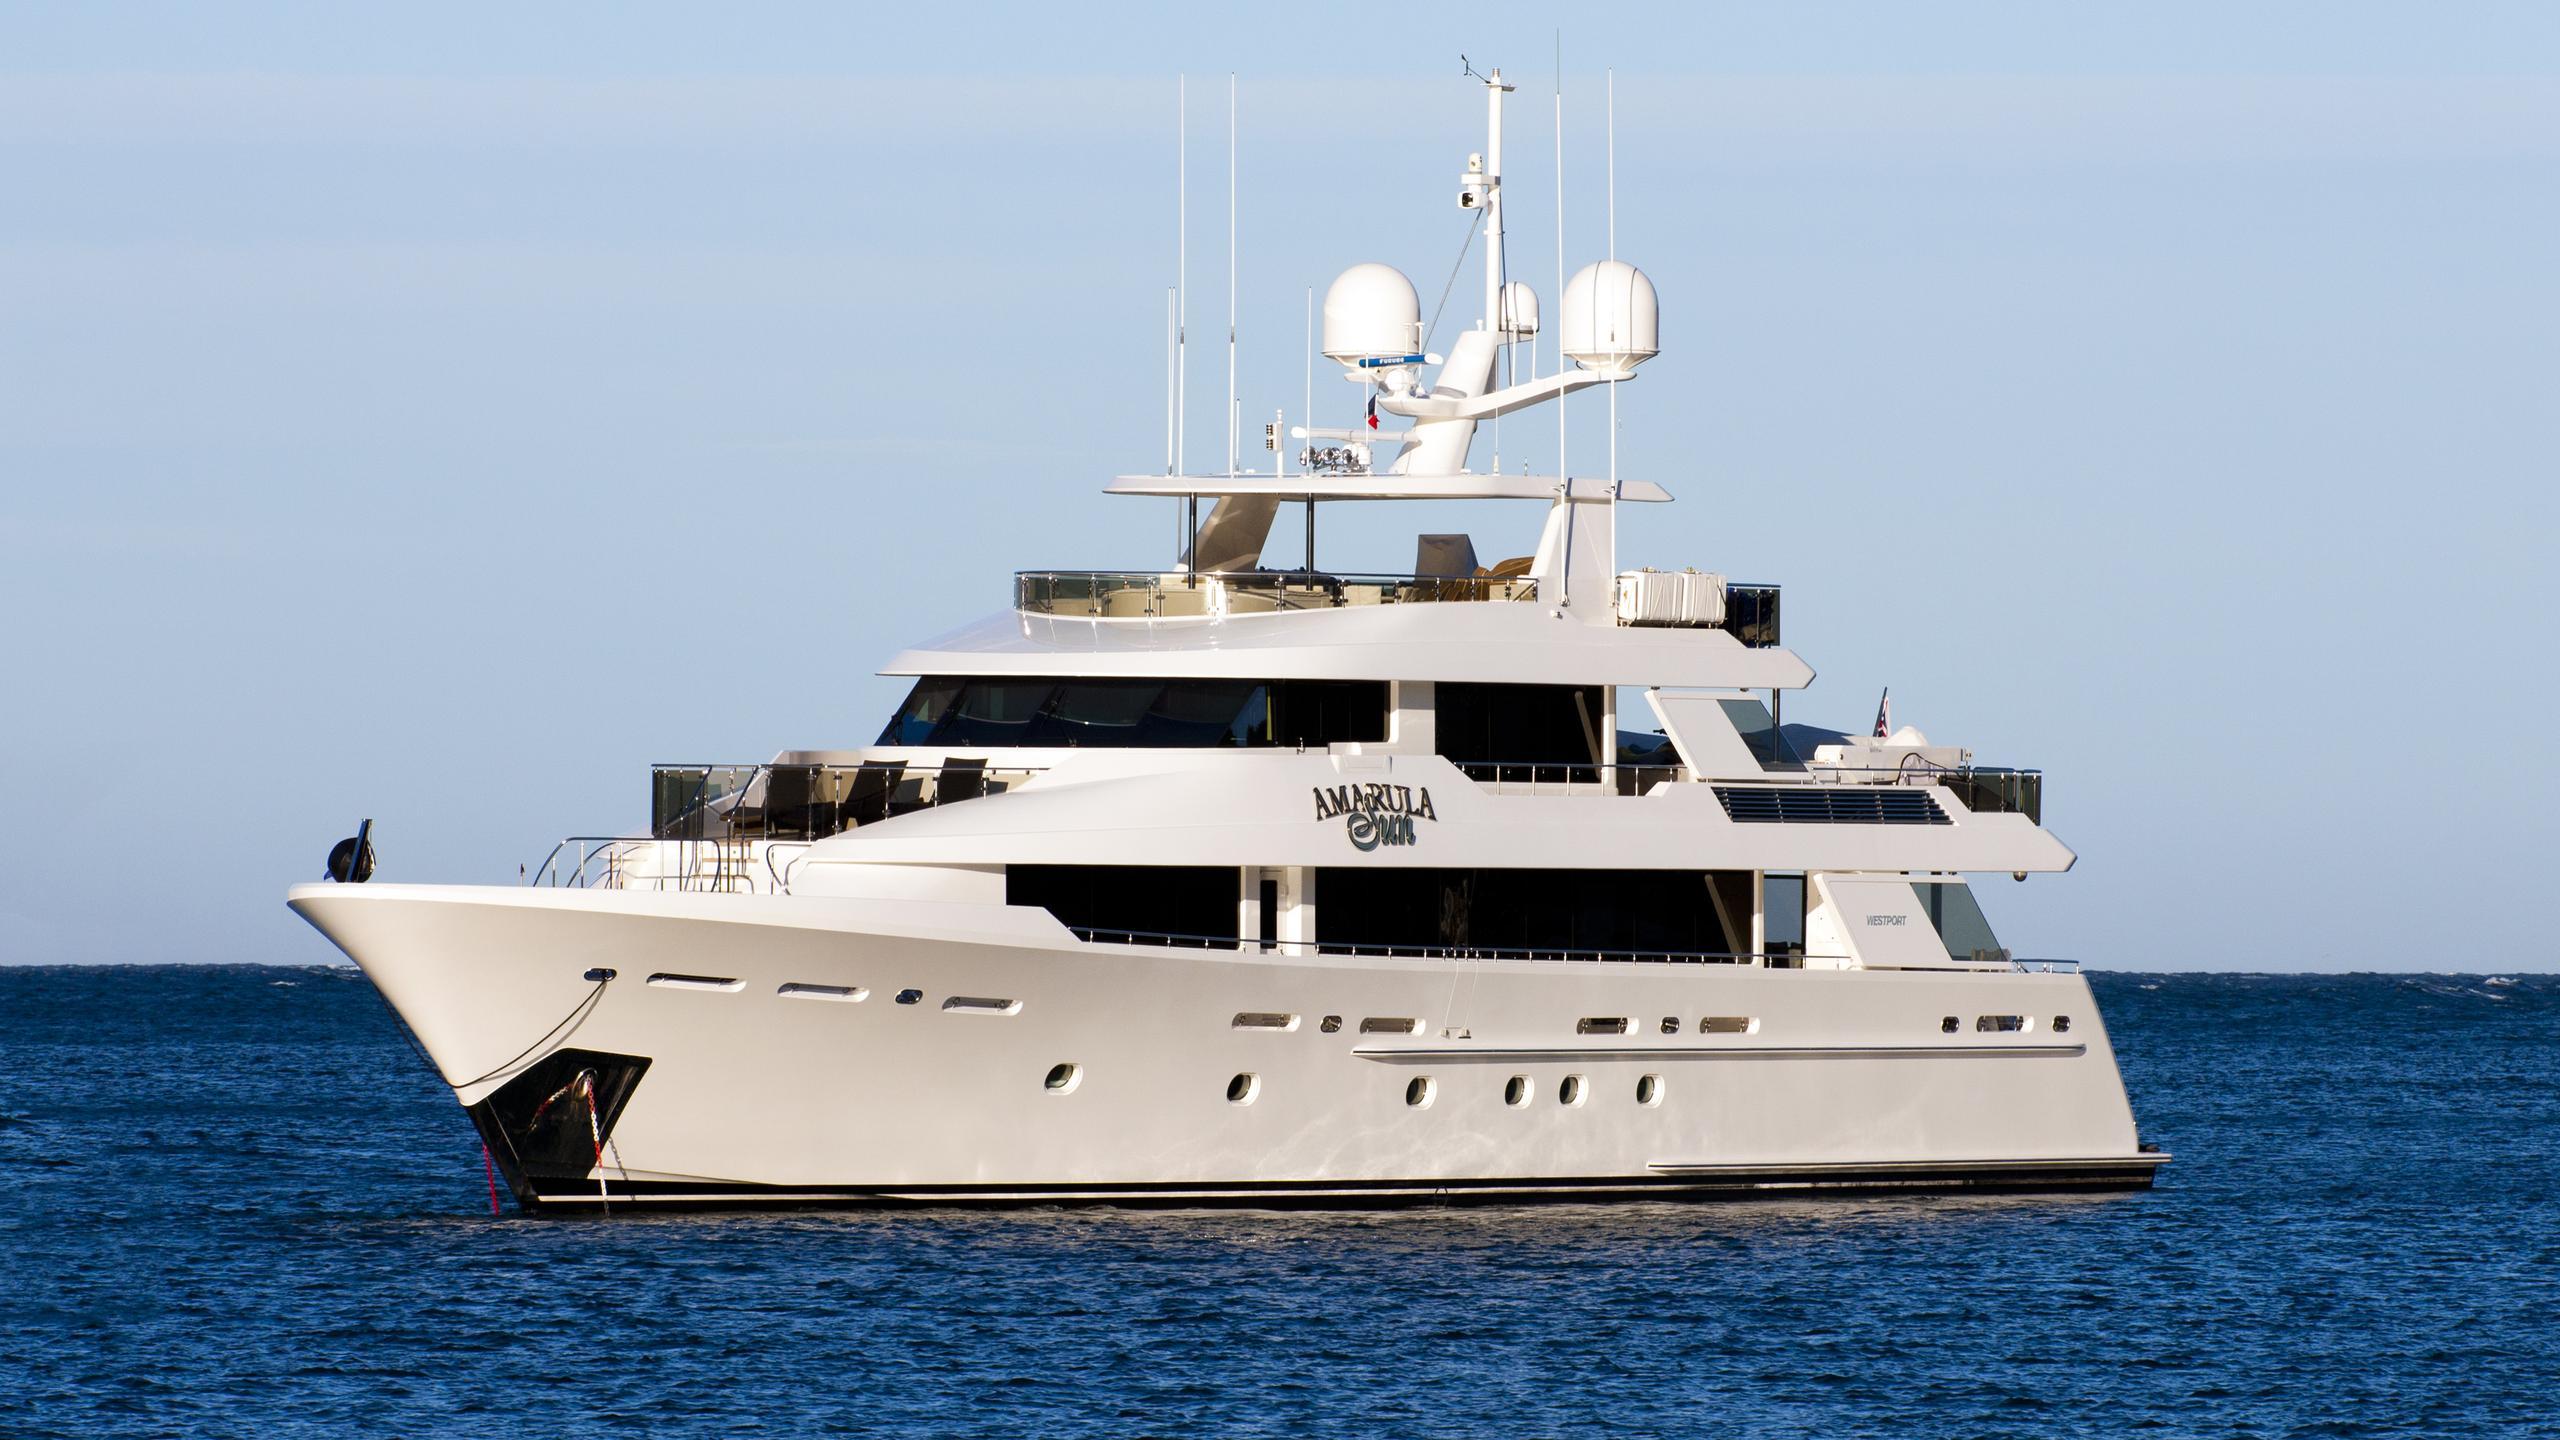 amarula-sun-yacht-exterior